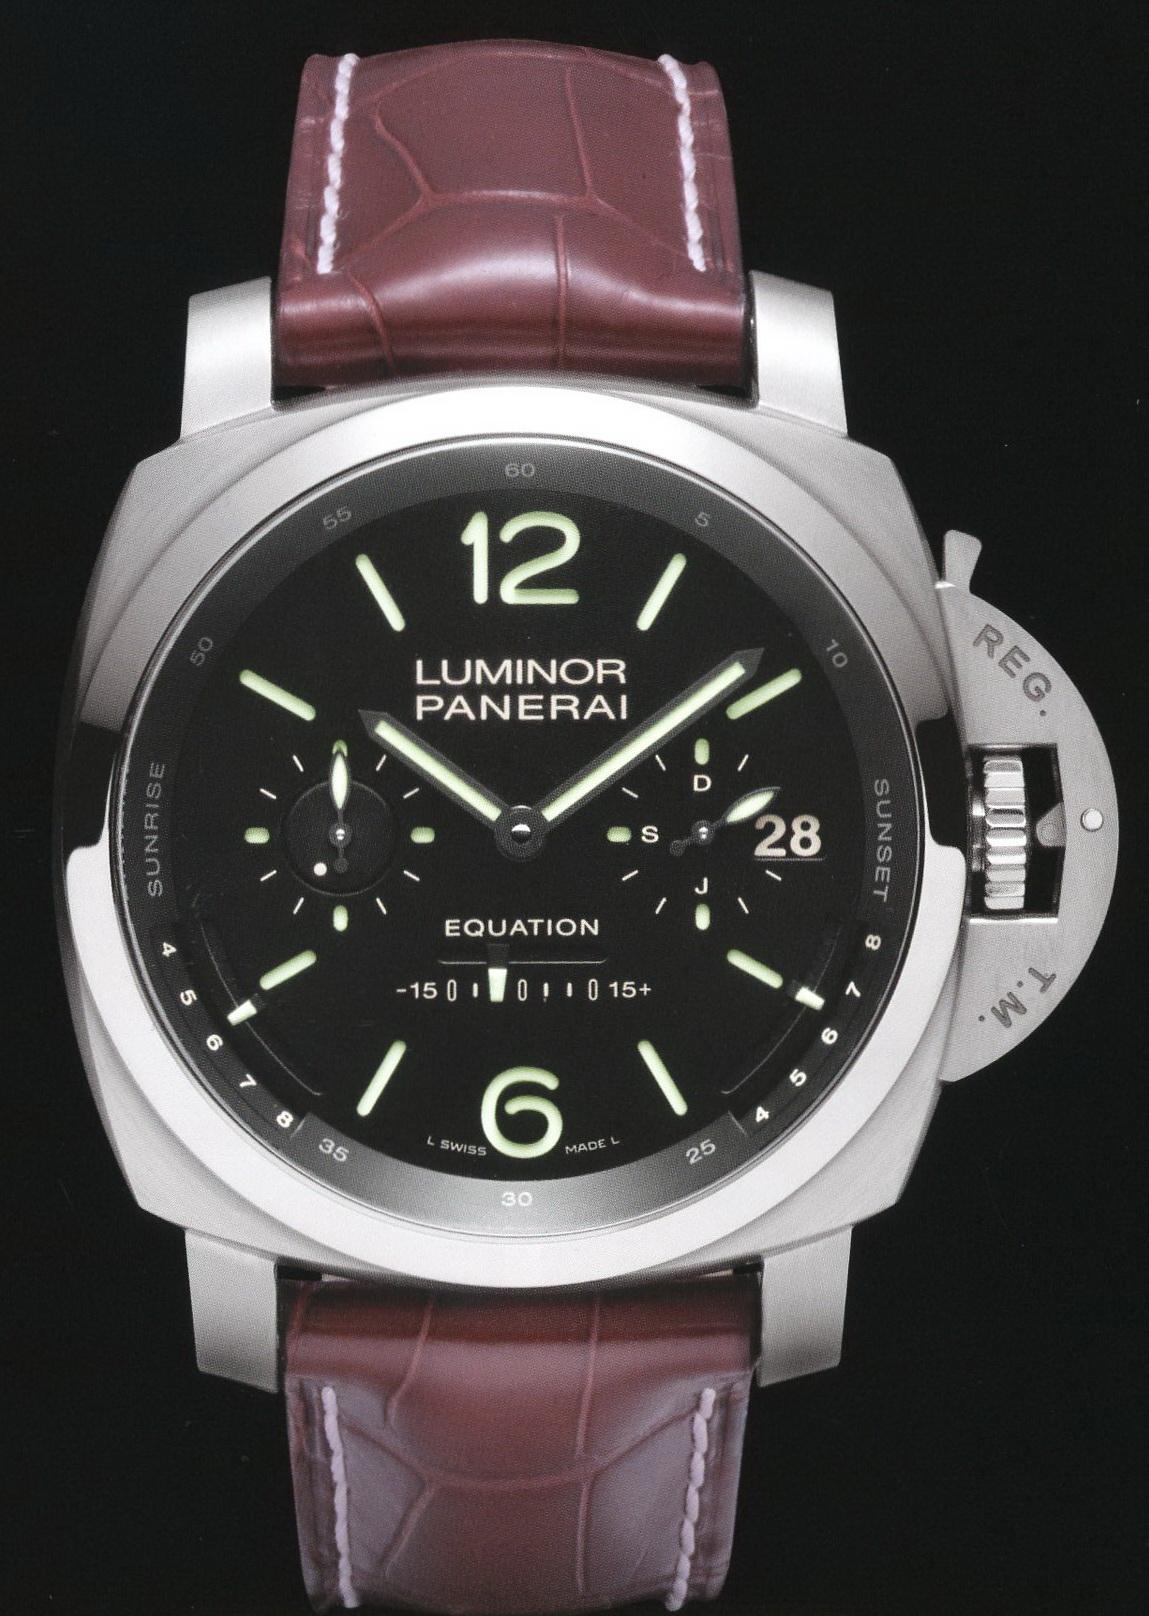 ���� Panerai 2010 Special Edition Luminor 1950 Equation of Time Tourbilon Titanium L�Astronomo